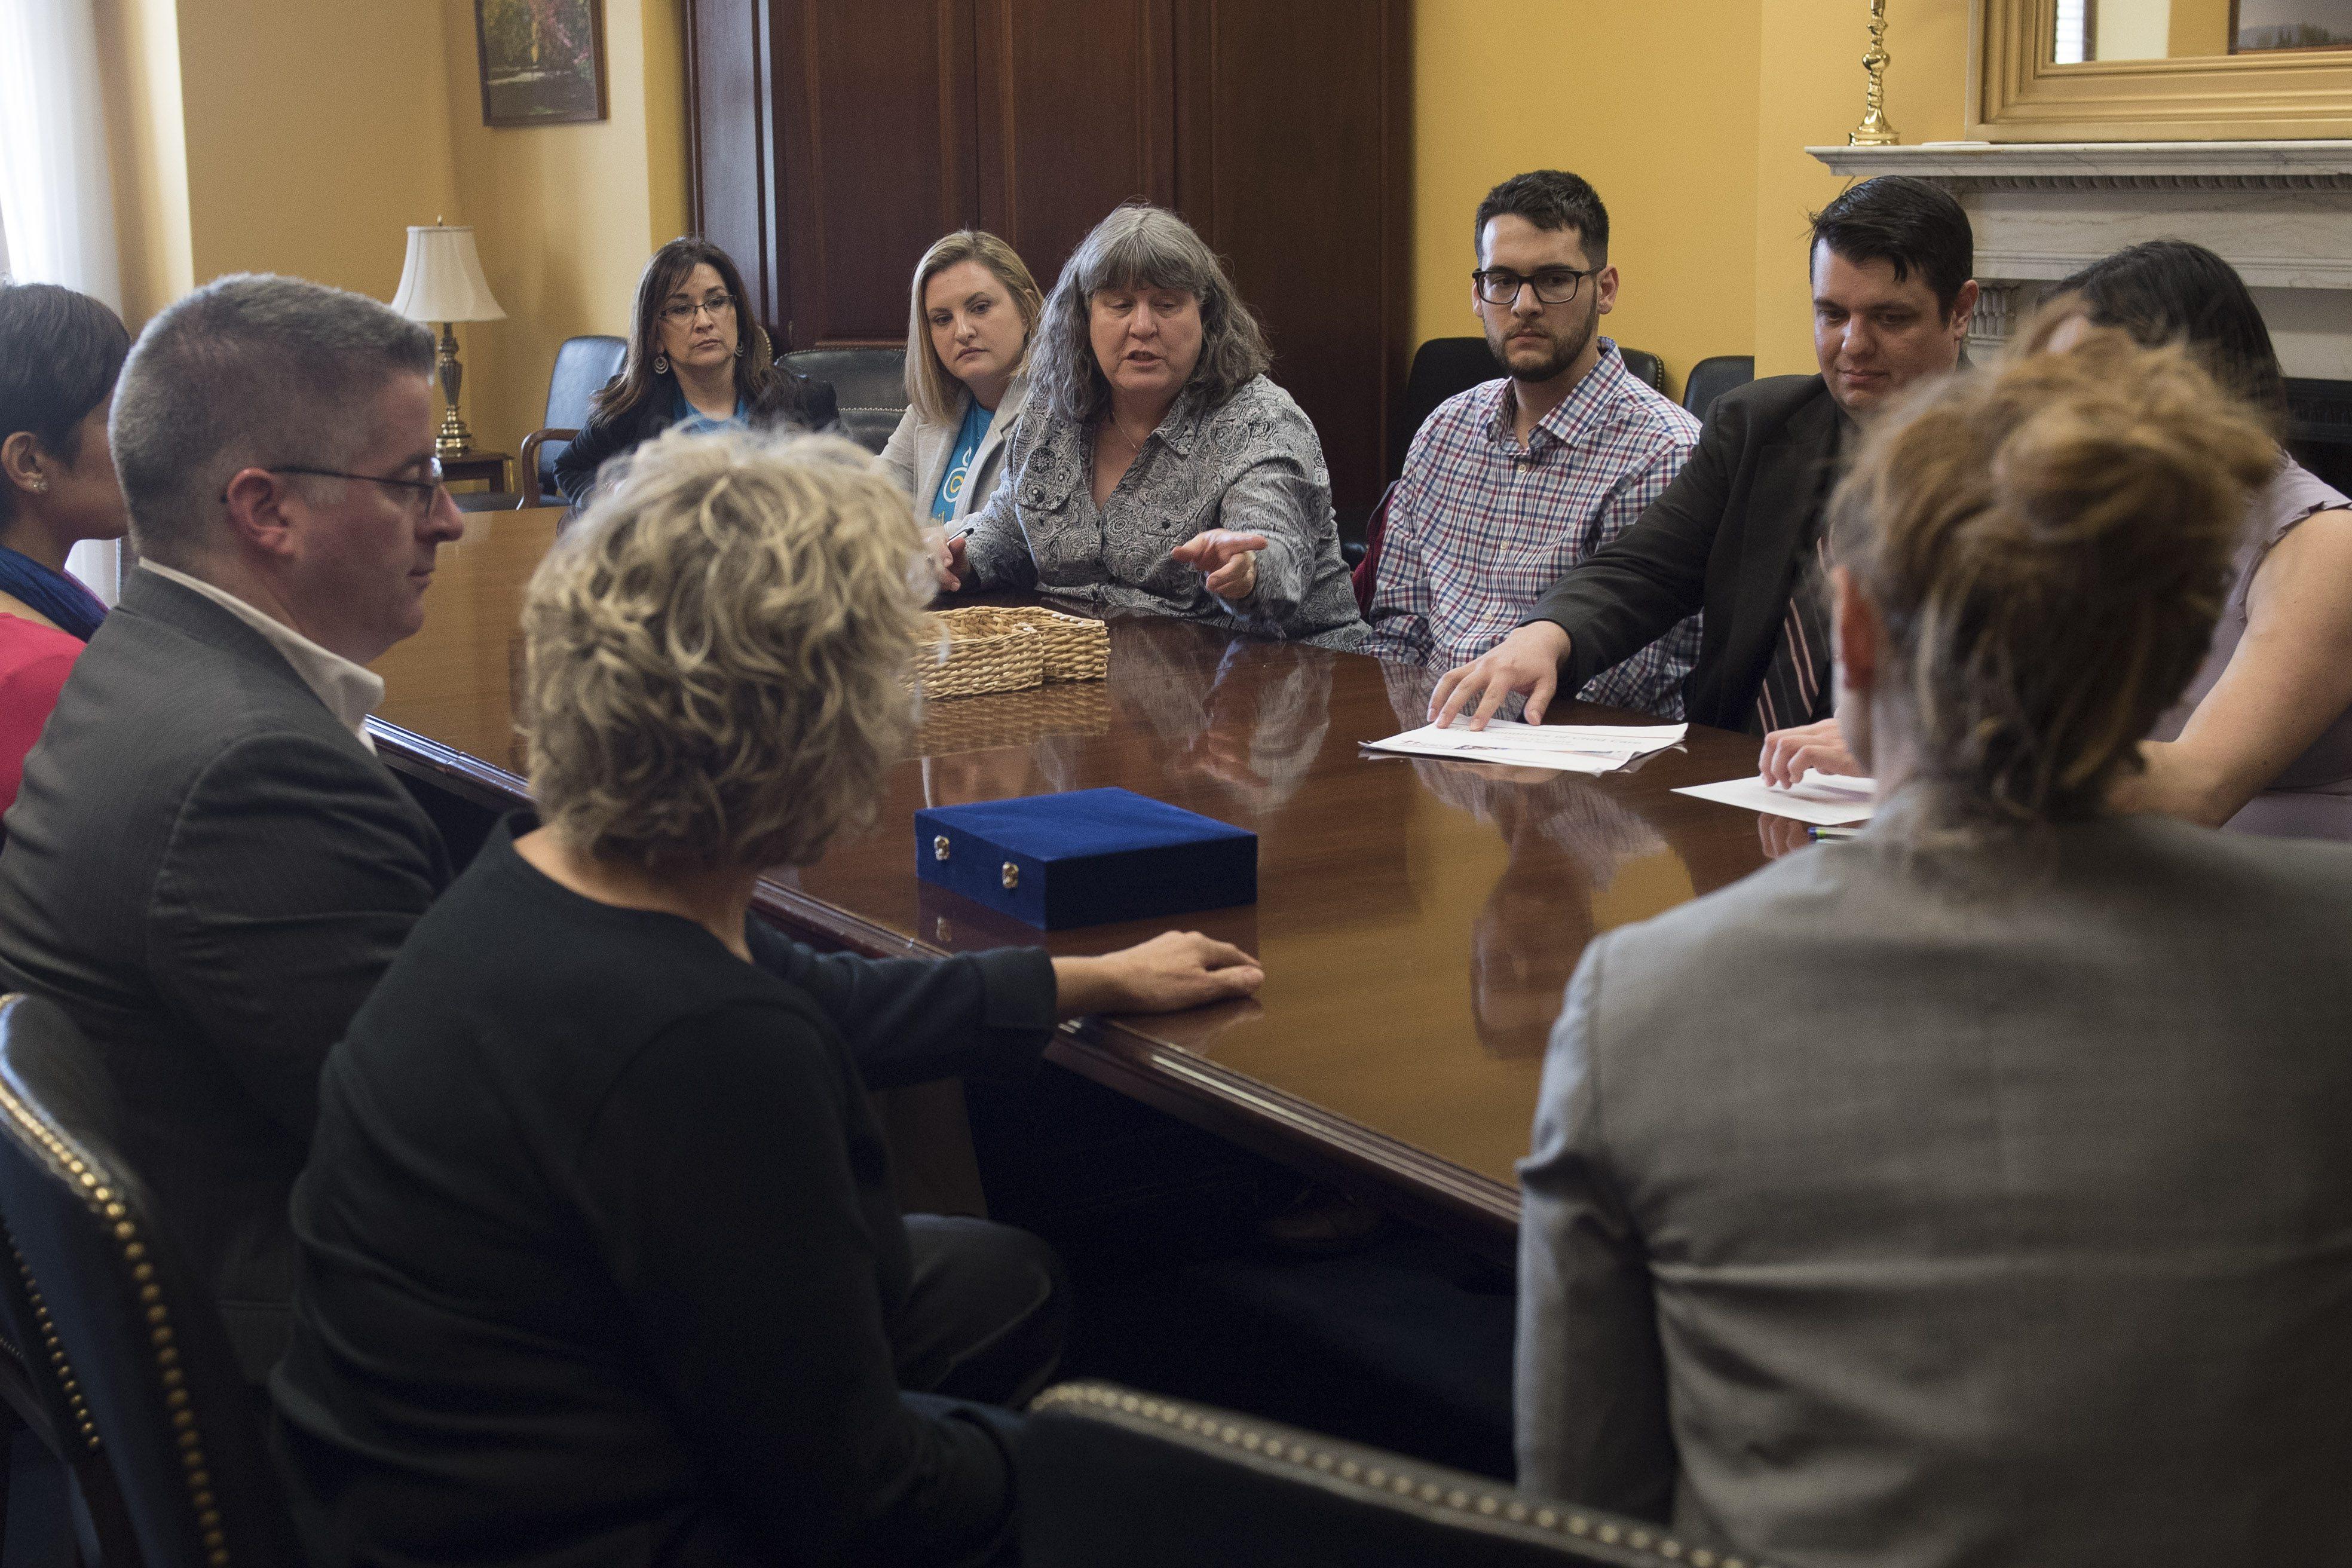 advocates meeting a legislator